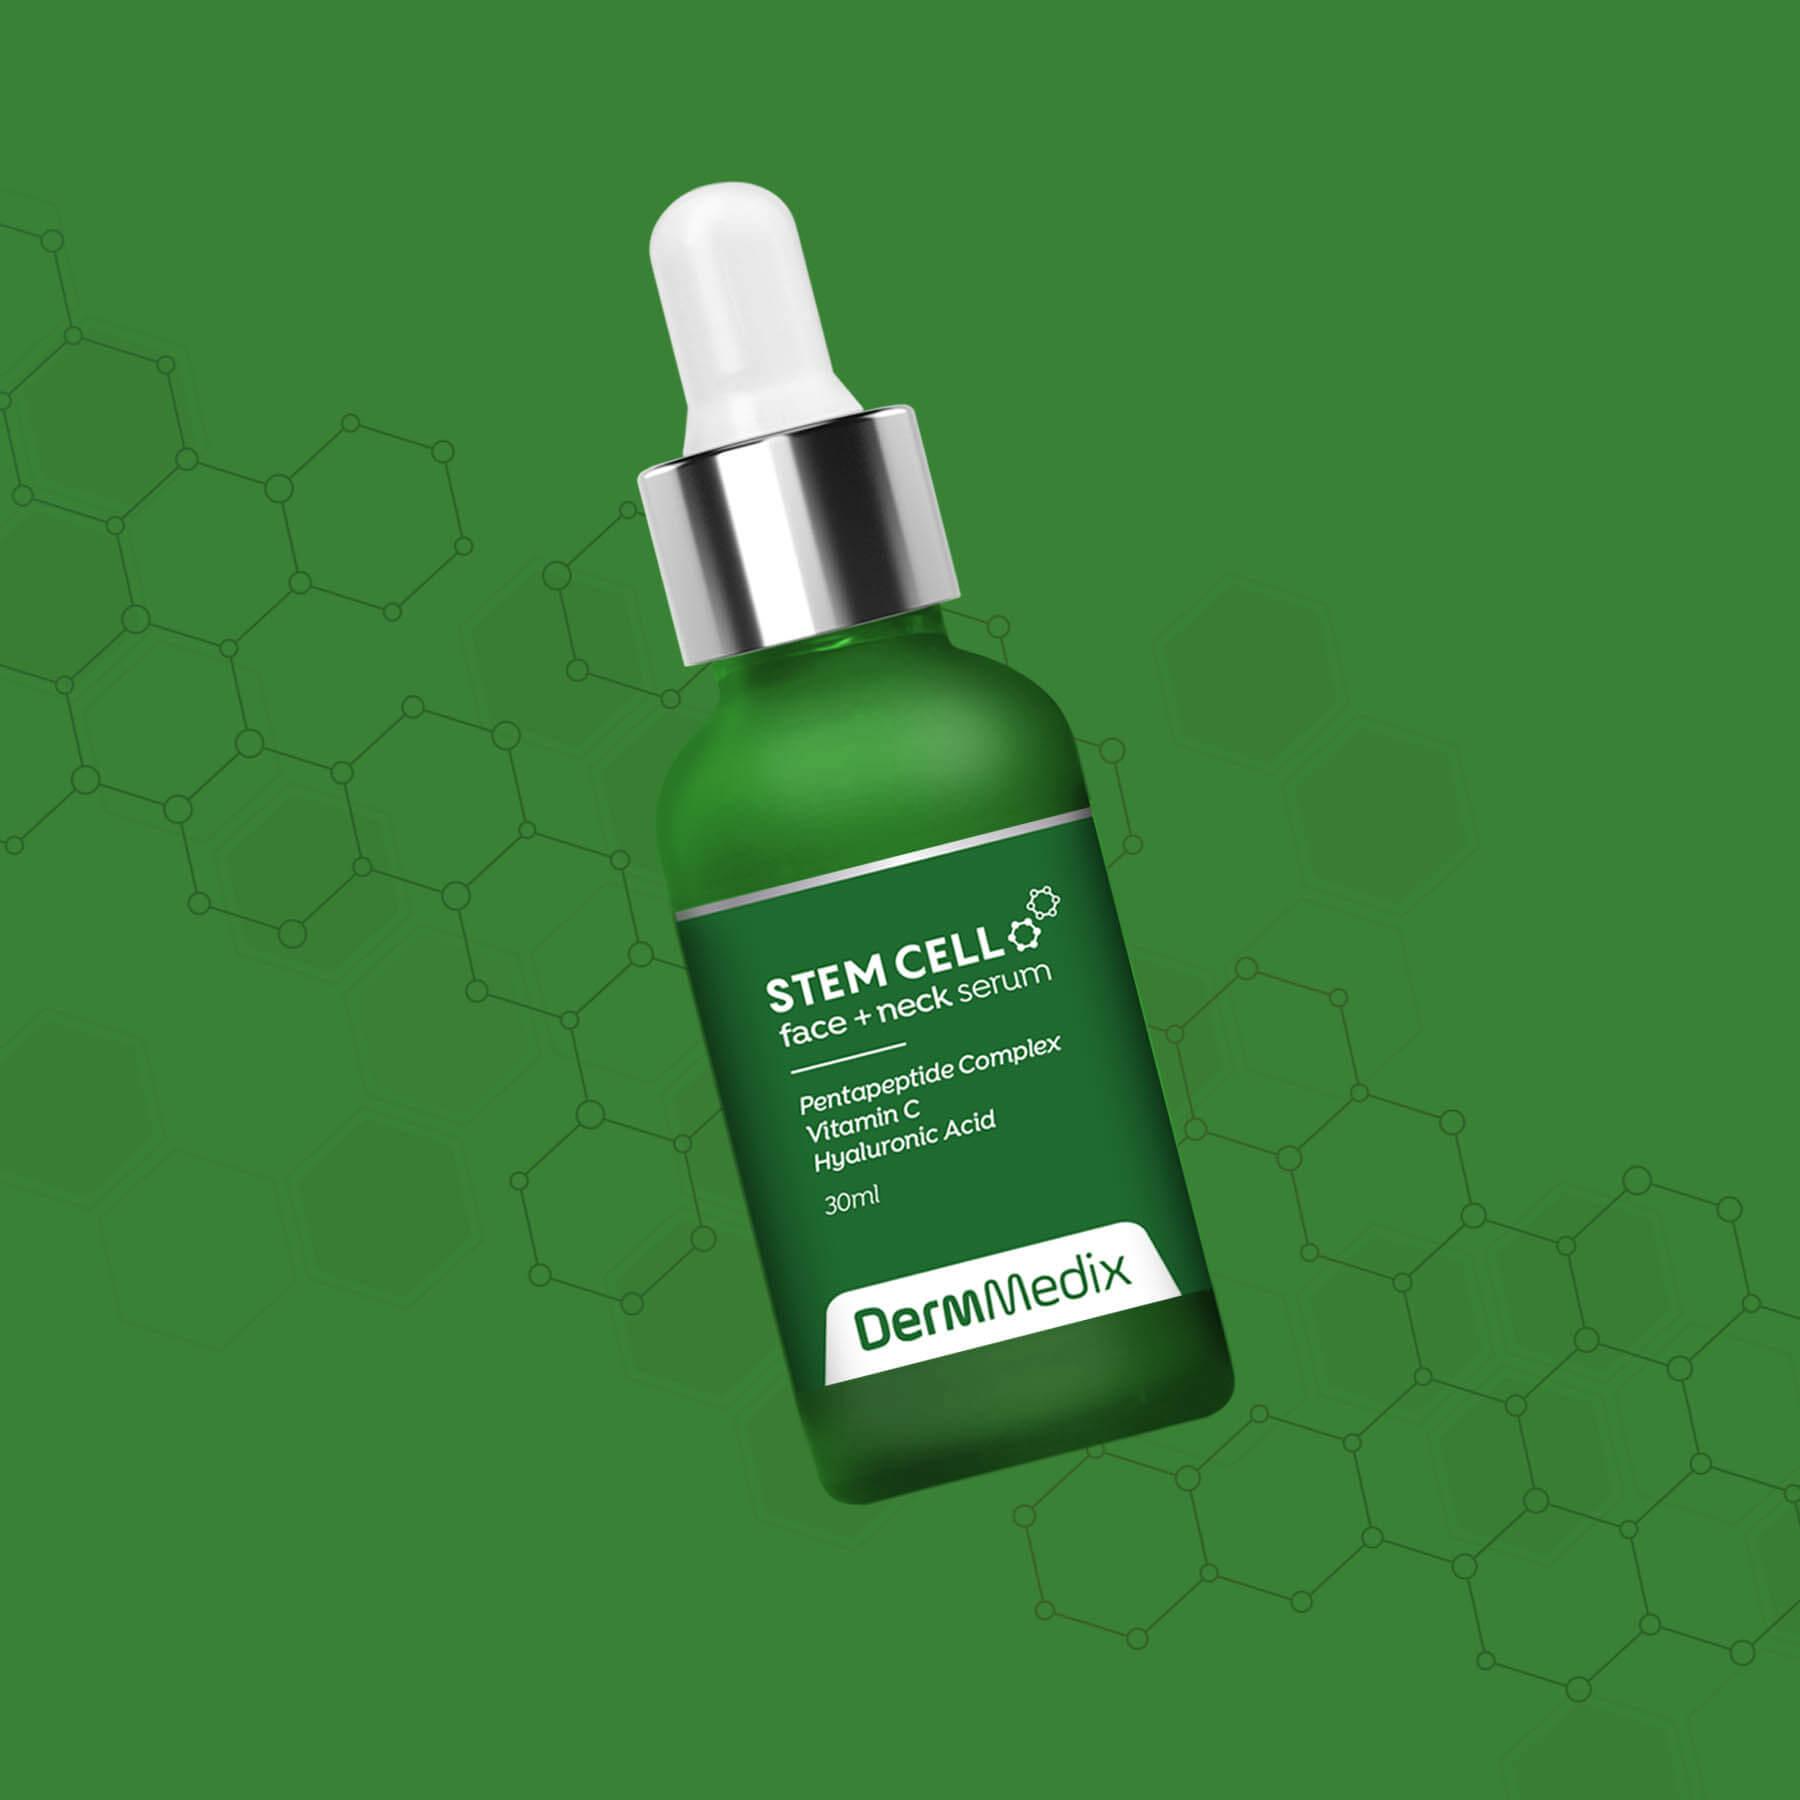 DermMedix StemCell Serum Package Design